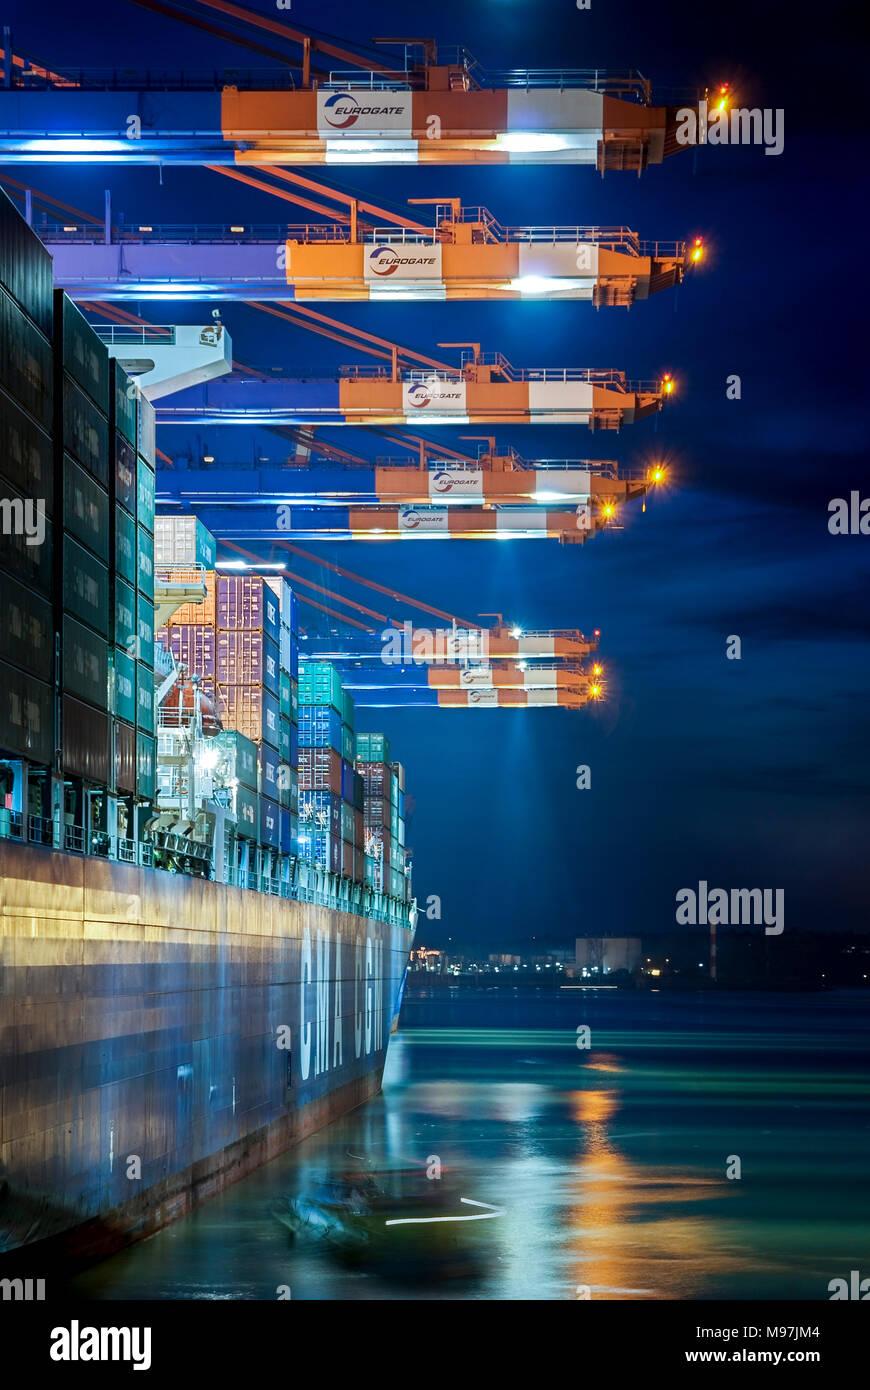 Deutschland, Hamburg, Elbe, Hafen, Waltershofer Hafen, Containerverladung, Containerschiff, 'CMA CGM Medea' - Stock Image